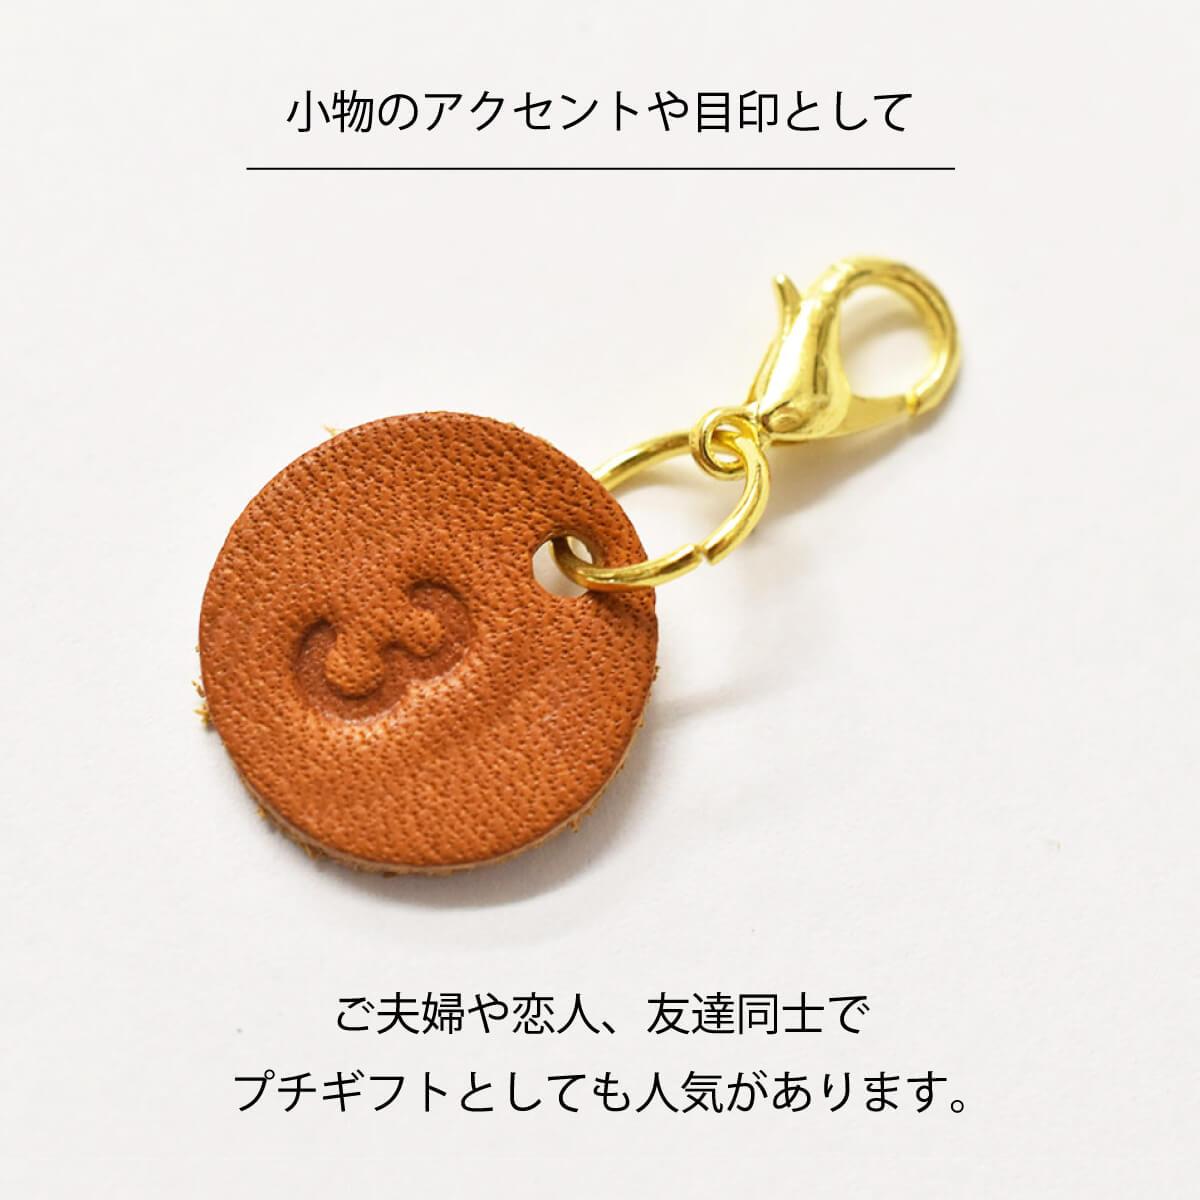 栃木レザー イニシャル刻印チャーム 16mm カニカン金具